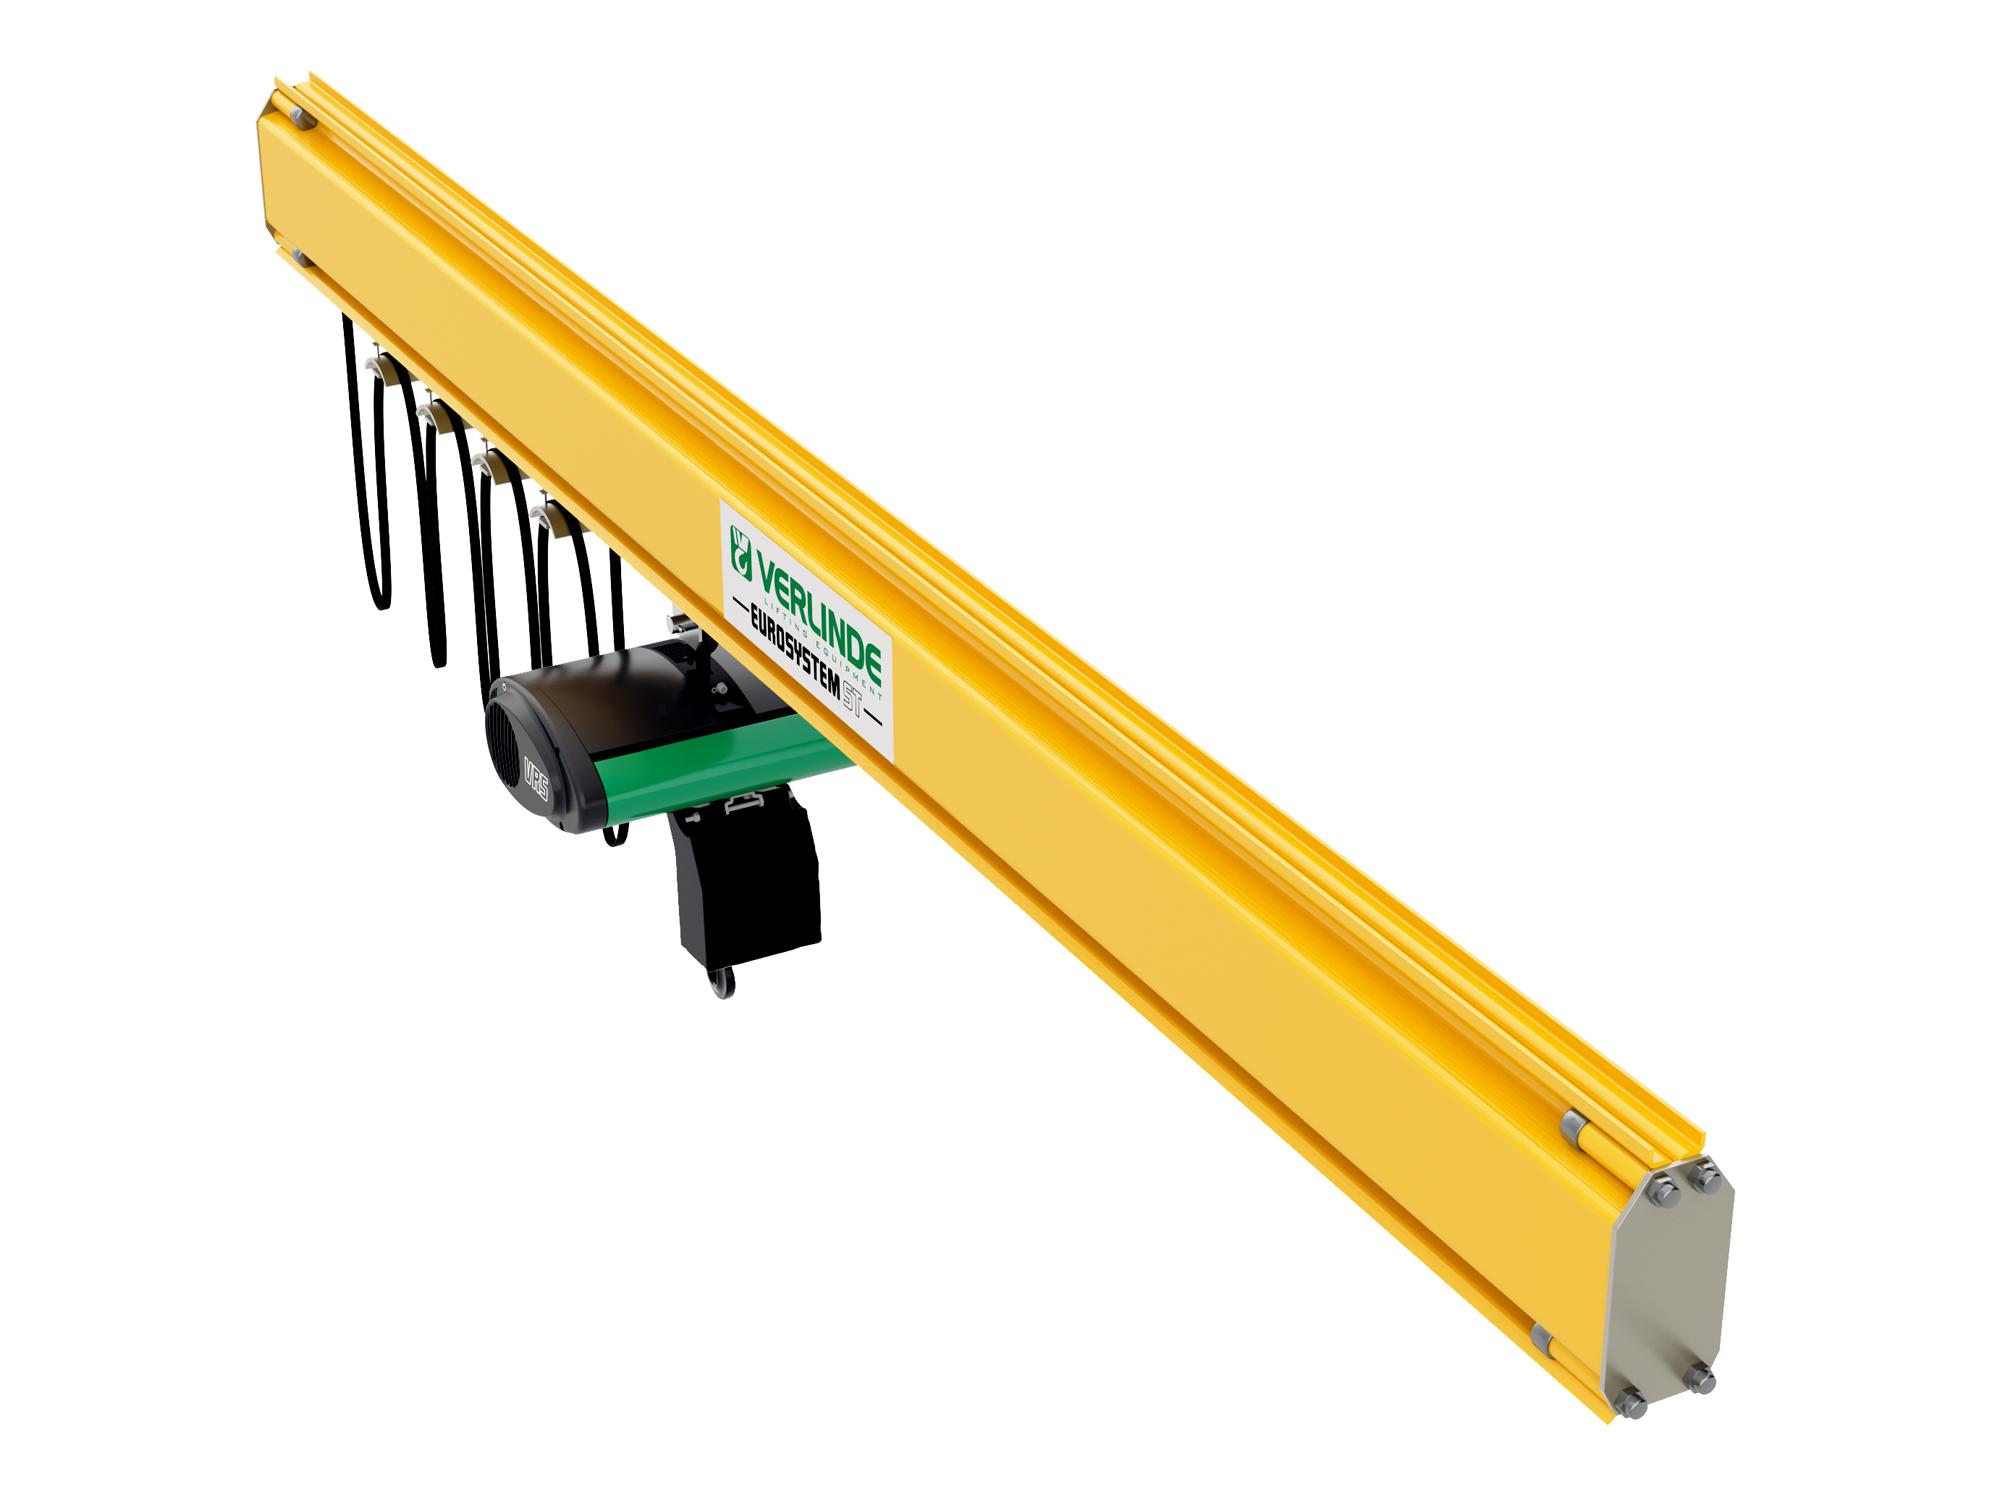 Steel Lightweight Monorail Crane System Modular Design